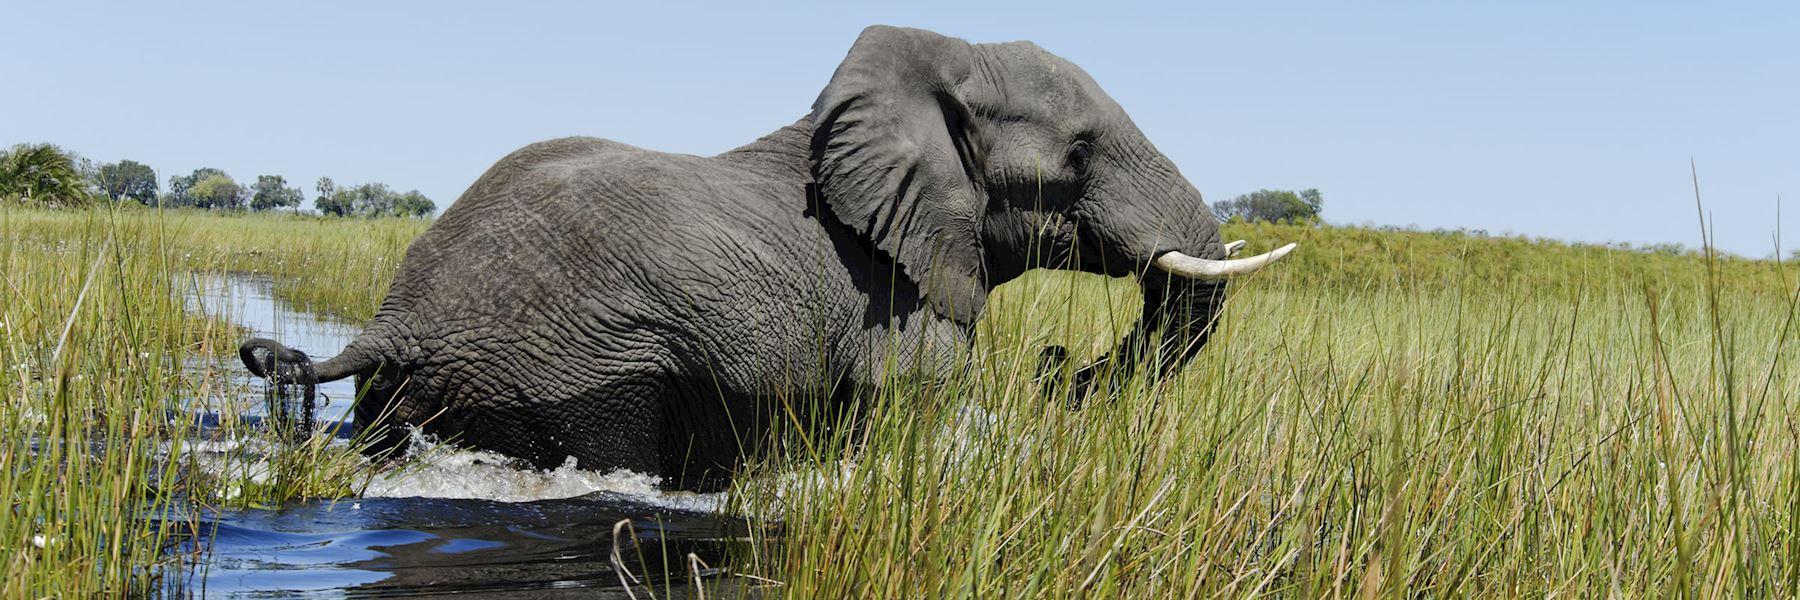 Botswana trip ideas